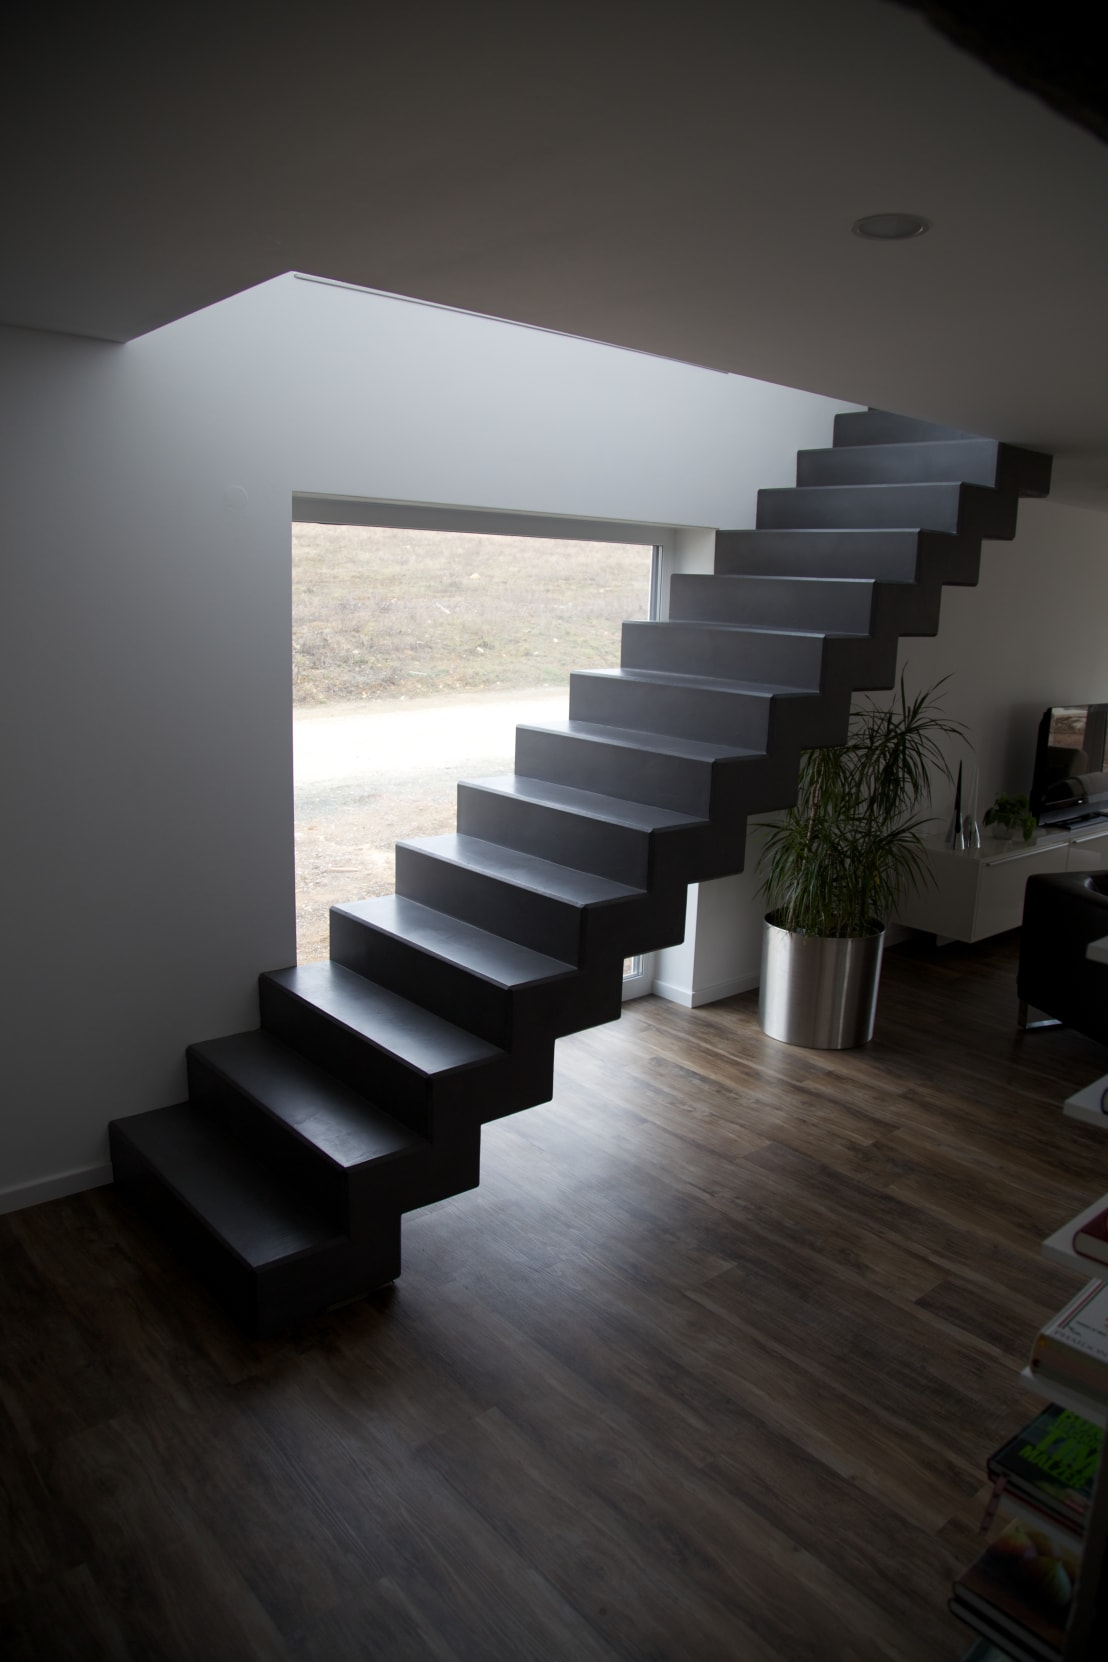 bad treppe arbeitsplatte und boden im betonlook von farbpunkt sobert ierardi gbr homify. Black Bedroom Furniture Sets. Home Design Ideas